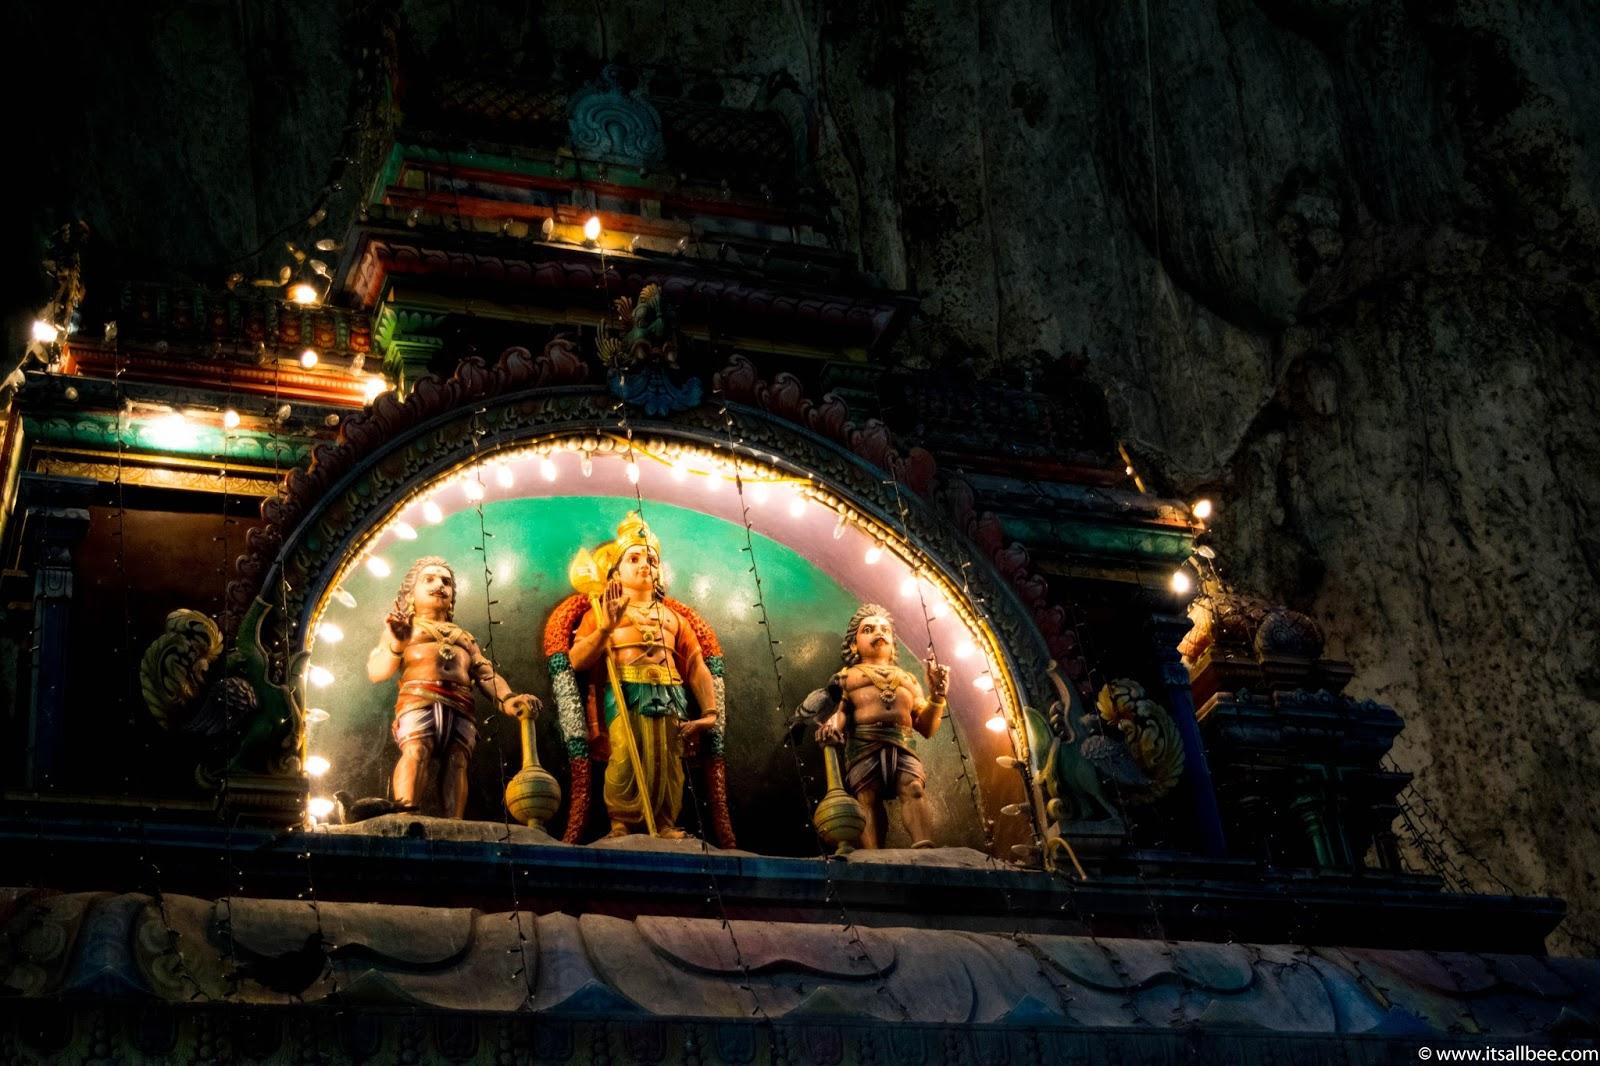 Inside the Batu Caves Temple - Kuala Lumpur Malaysia